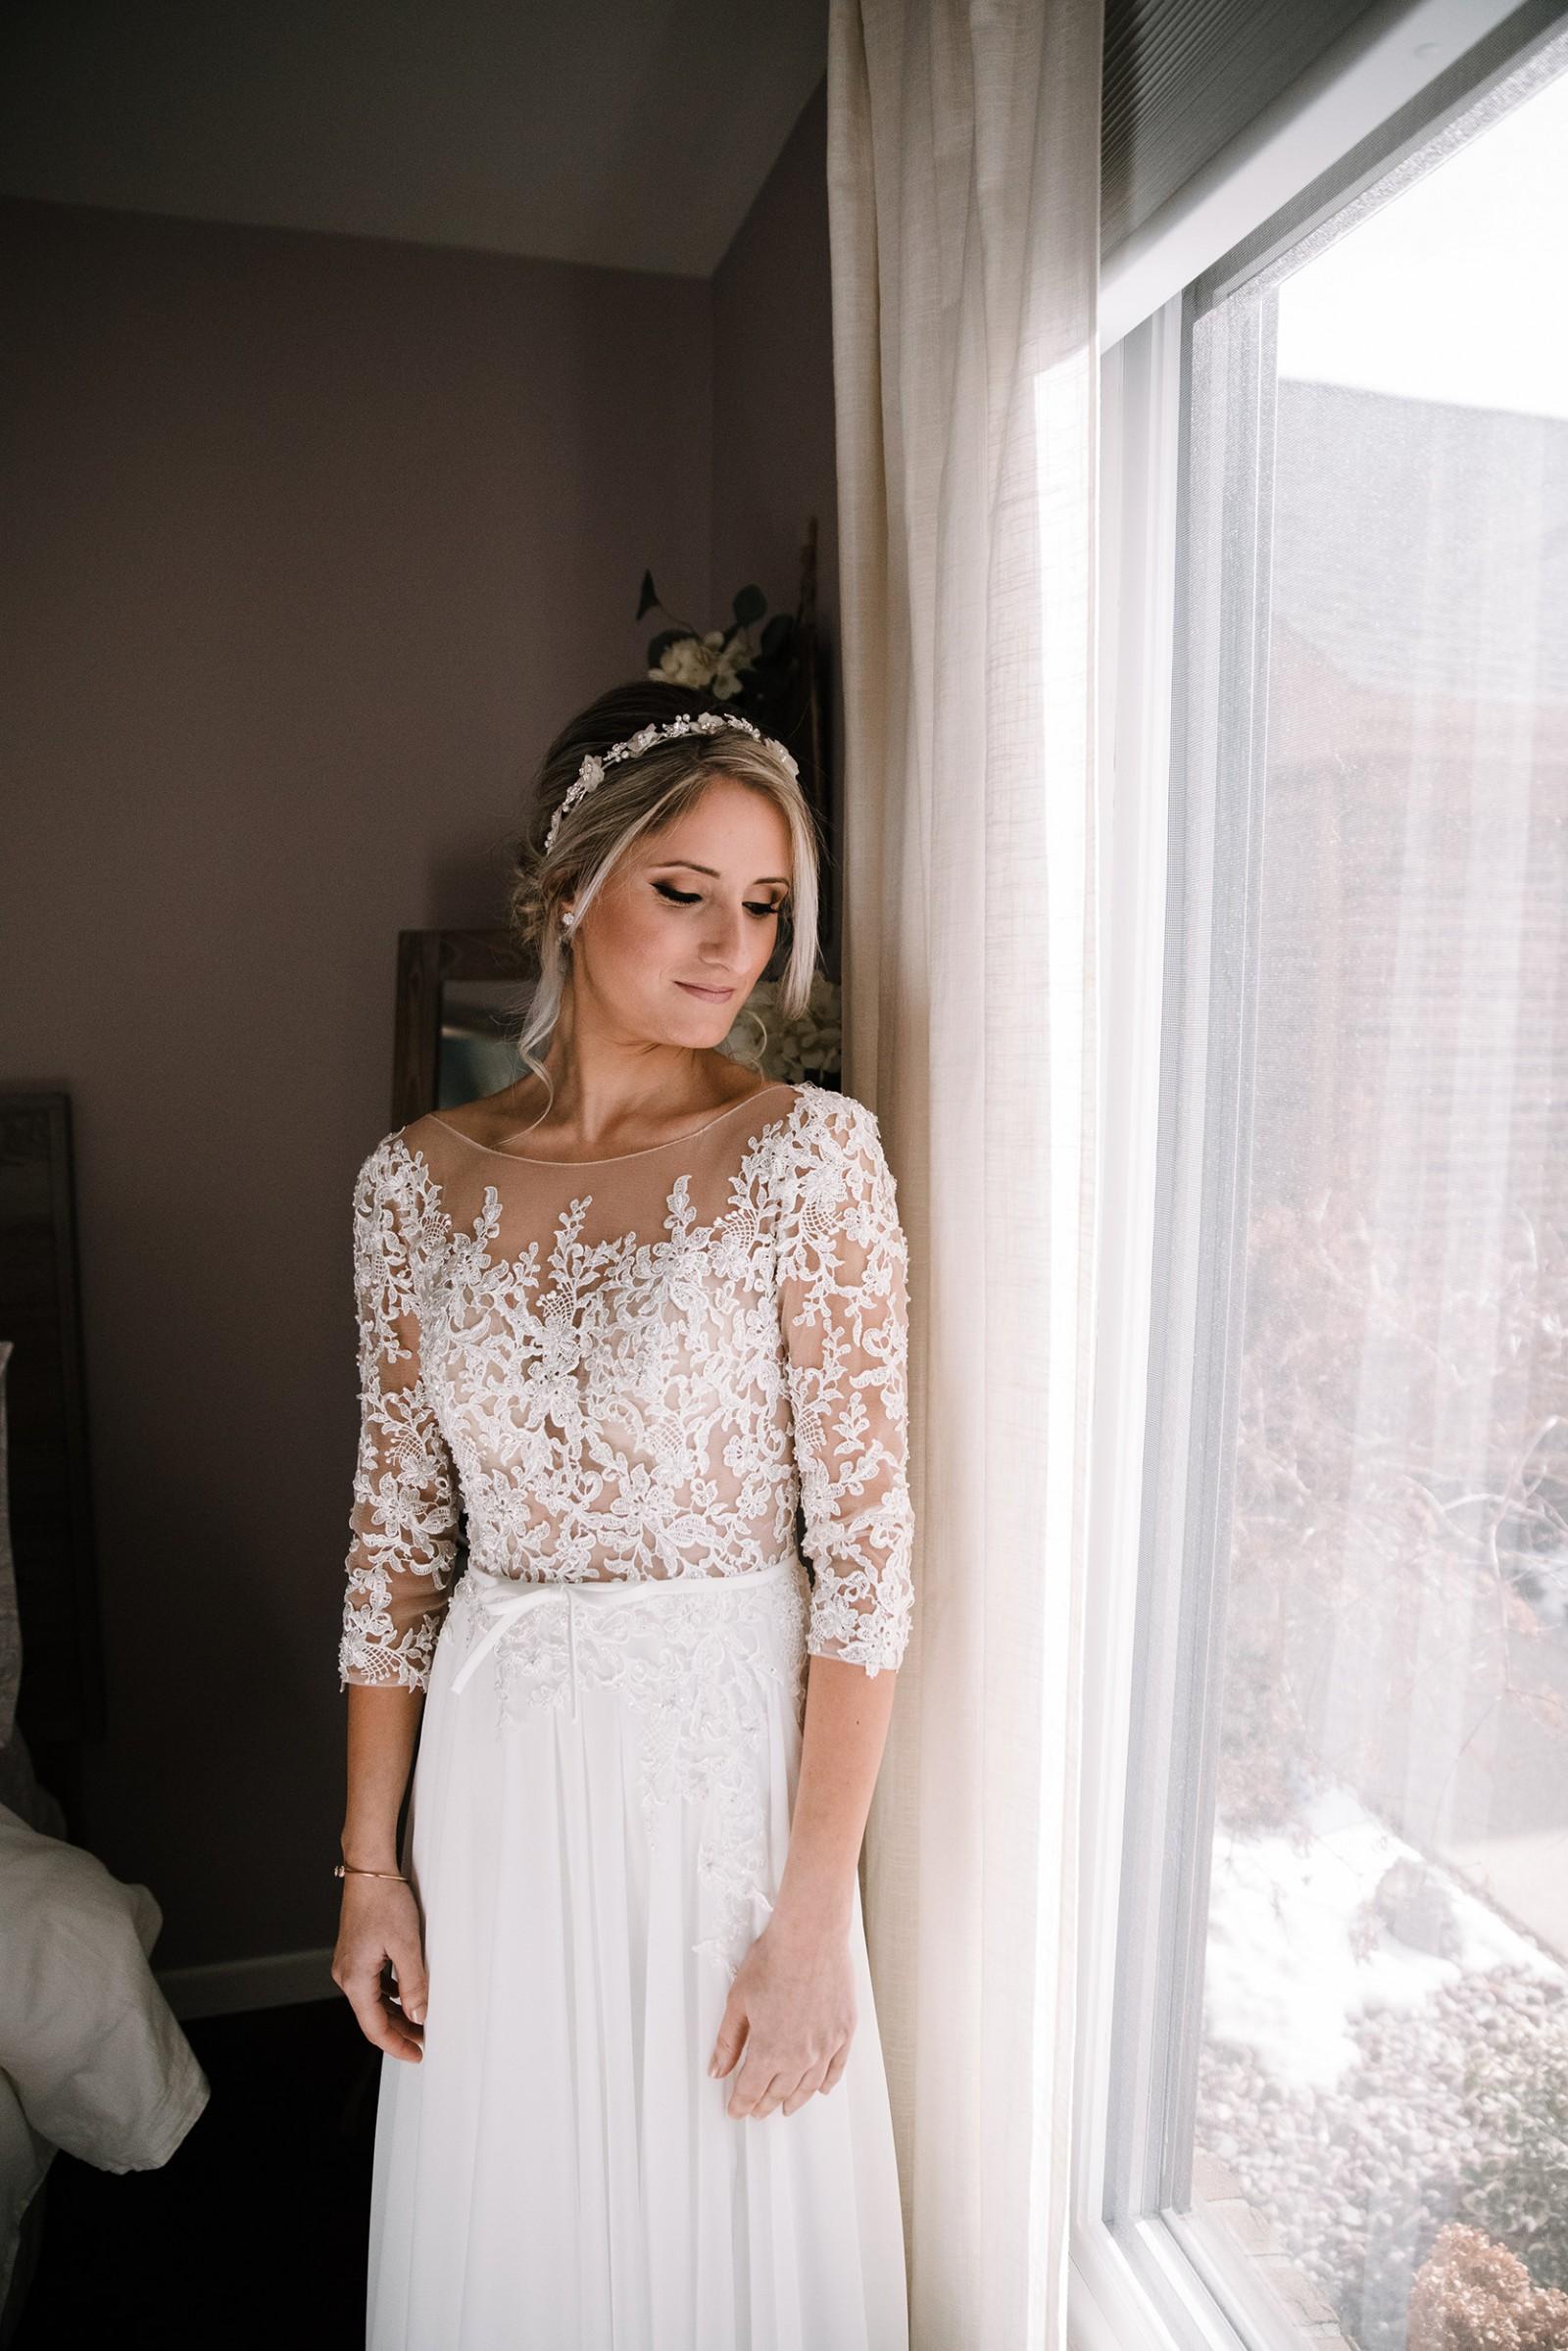 Mon Cheri Enchanting Style Number 217108 Used Wedding Dress Save 60 Stillwhite,Gothic Plus Size Gothic Black And White Wedding Dresses